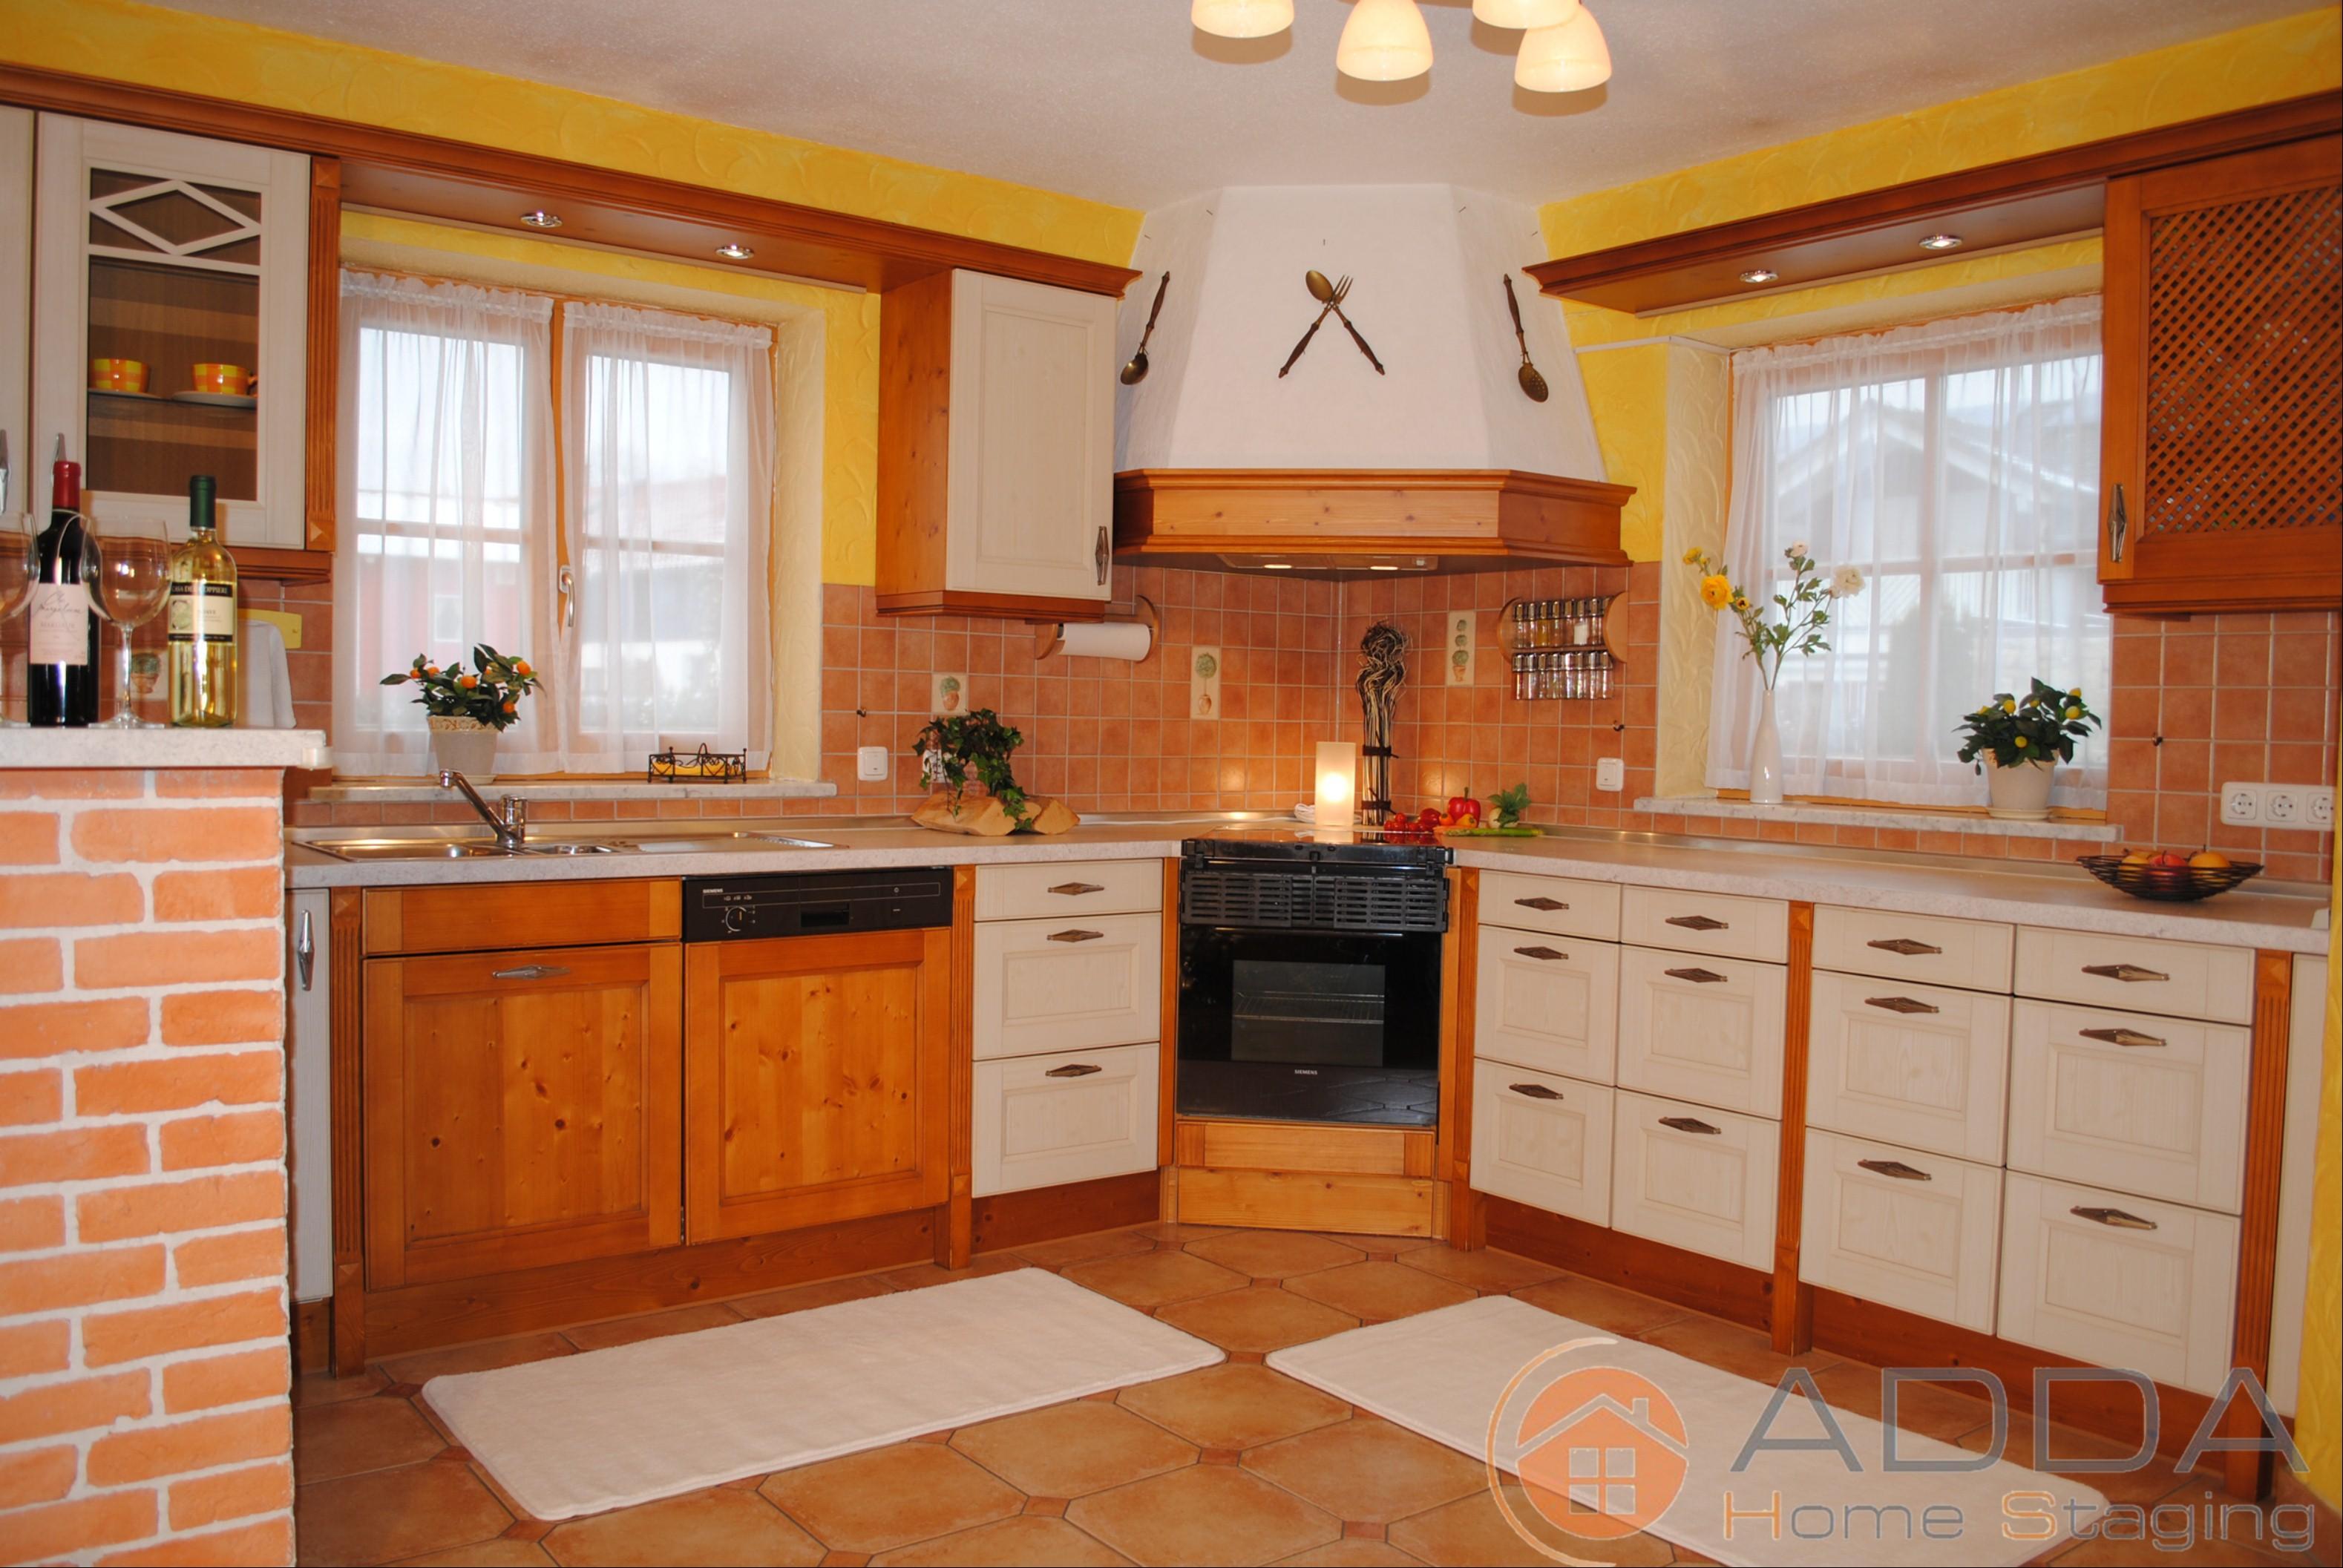 Küche Nach Dem Home Staging #dunstabzugshaube #offeneküche  #küchengestaltung #küchendeko #rustikaleküche #